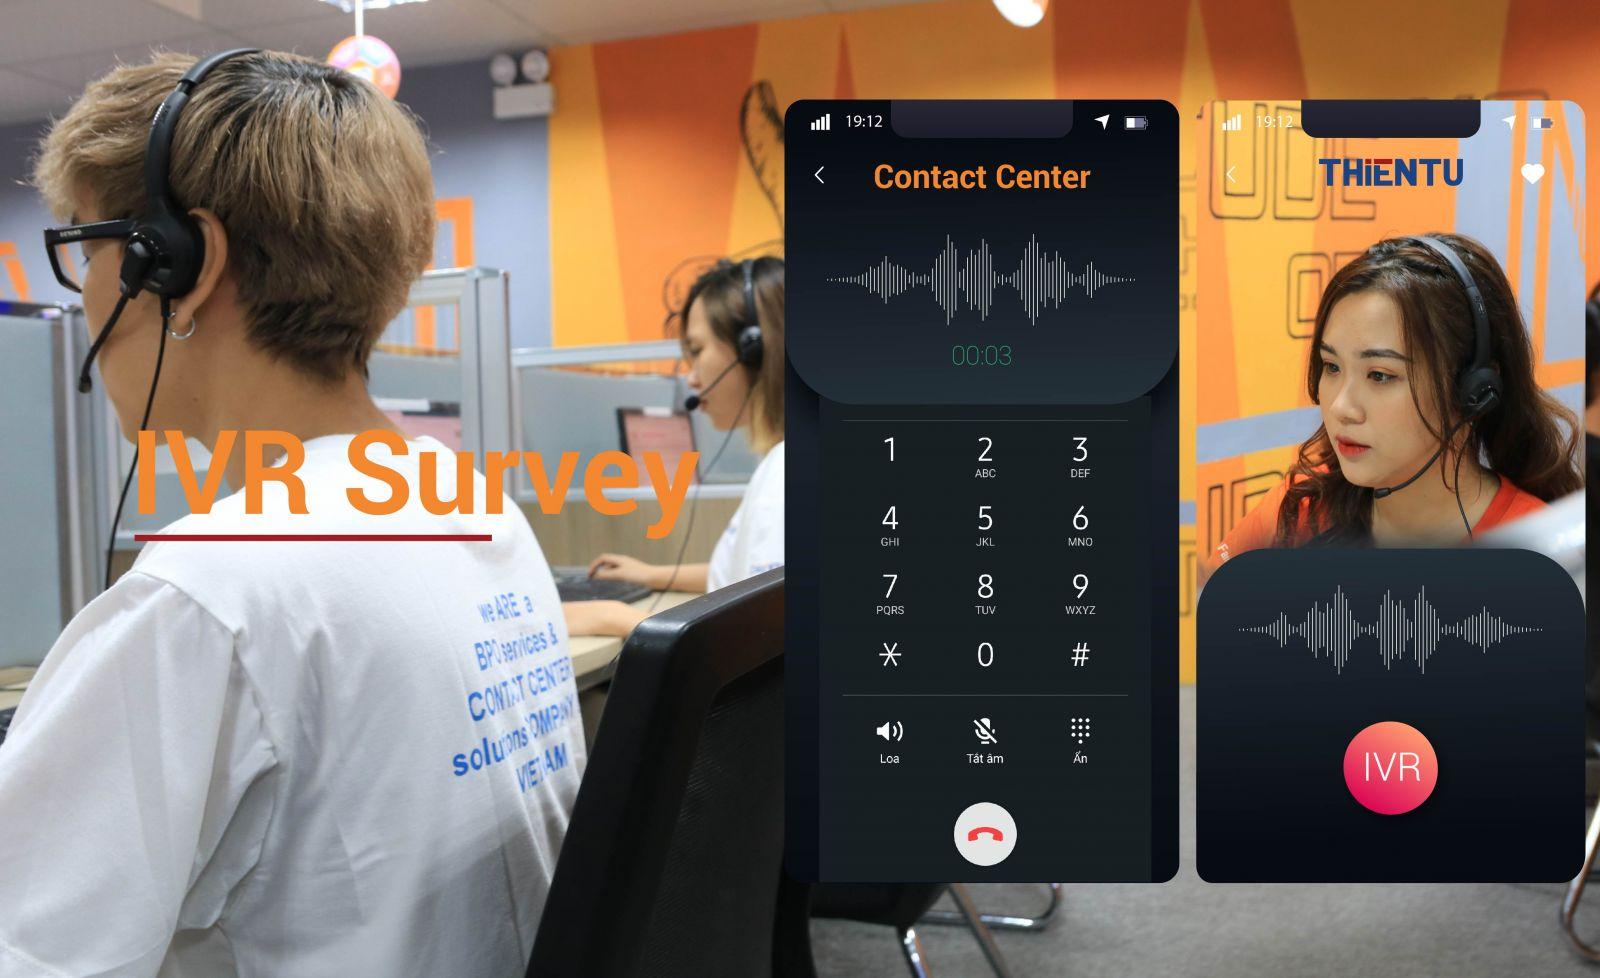 Công nghệ nhận diện giọng nói IVR survey